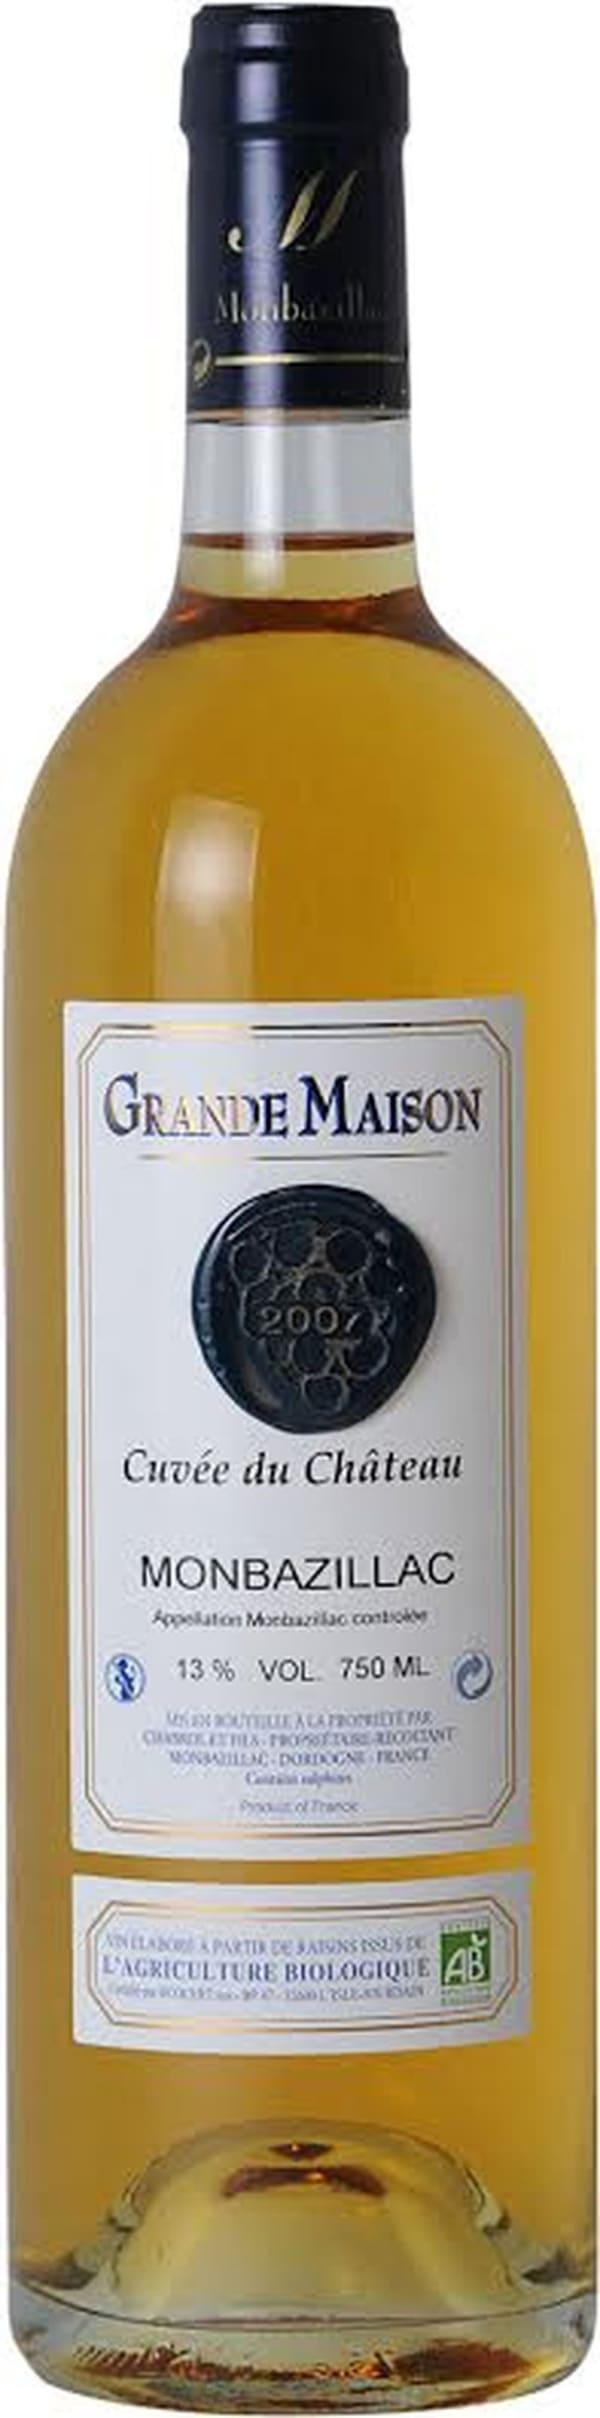 Monbazillac Cuvée du Château 2008